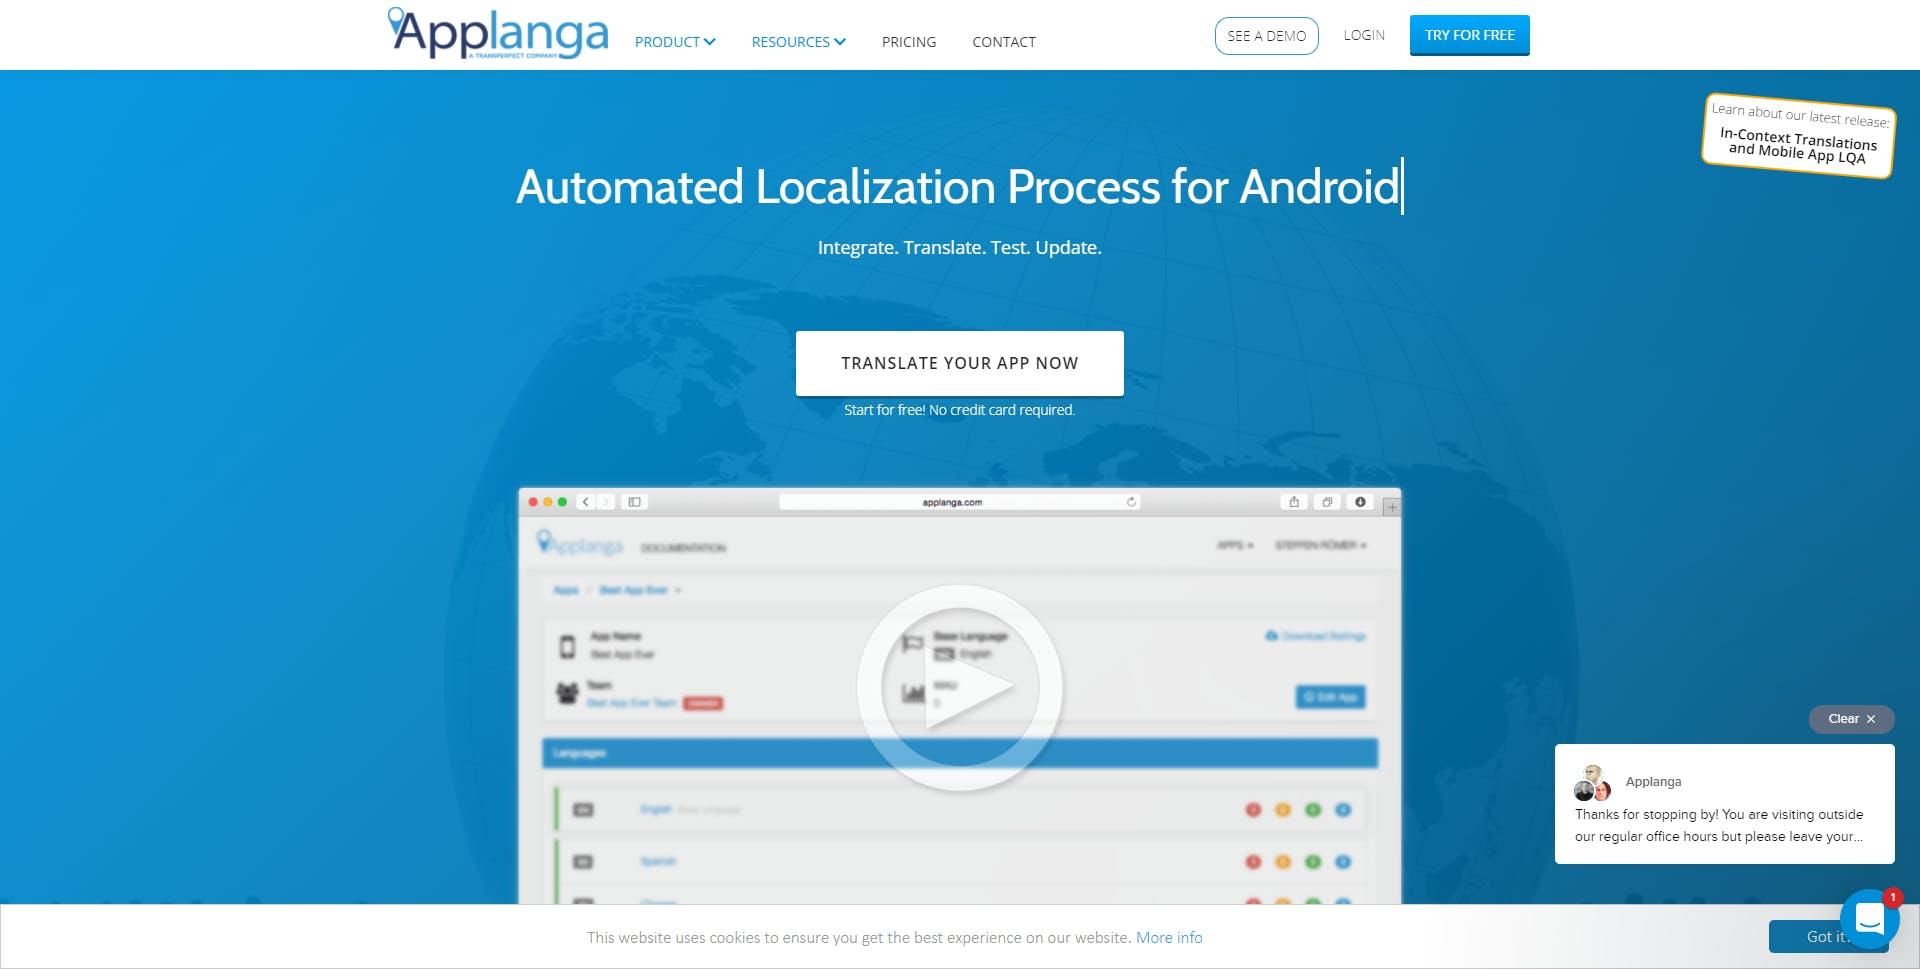 AppLanga Homepage